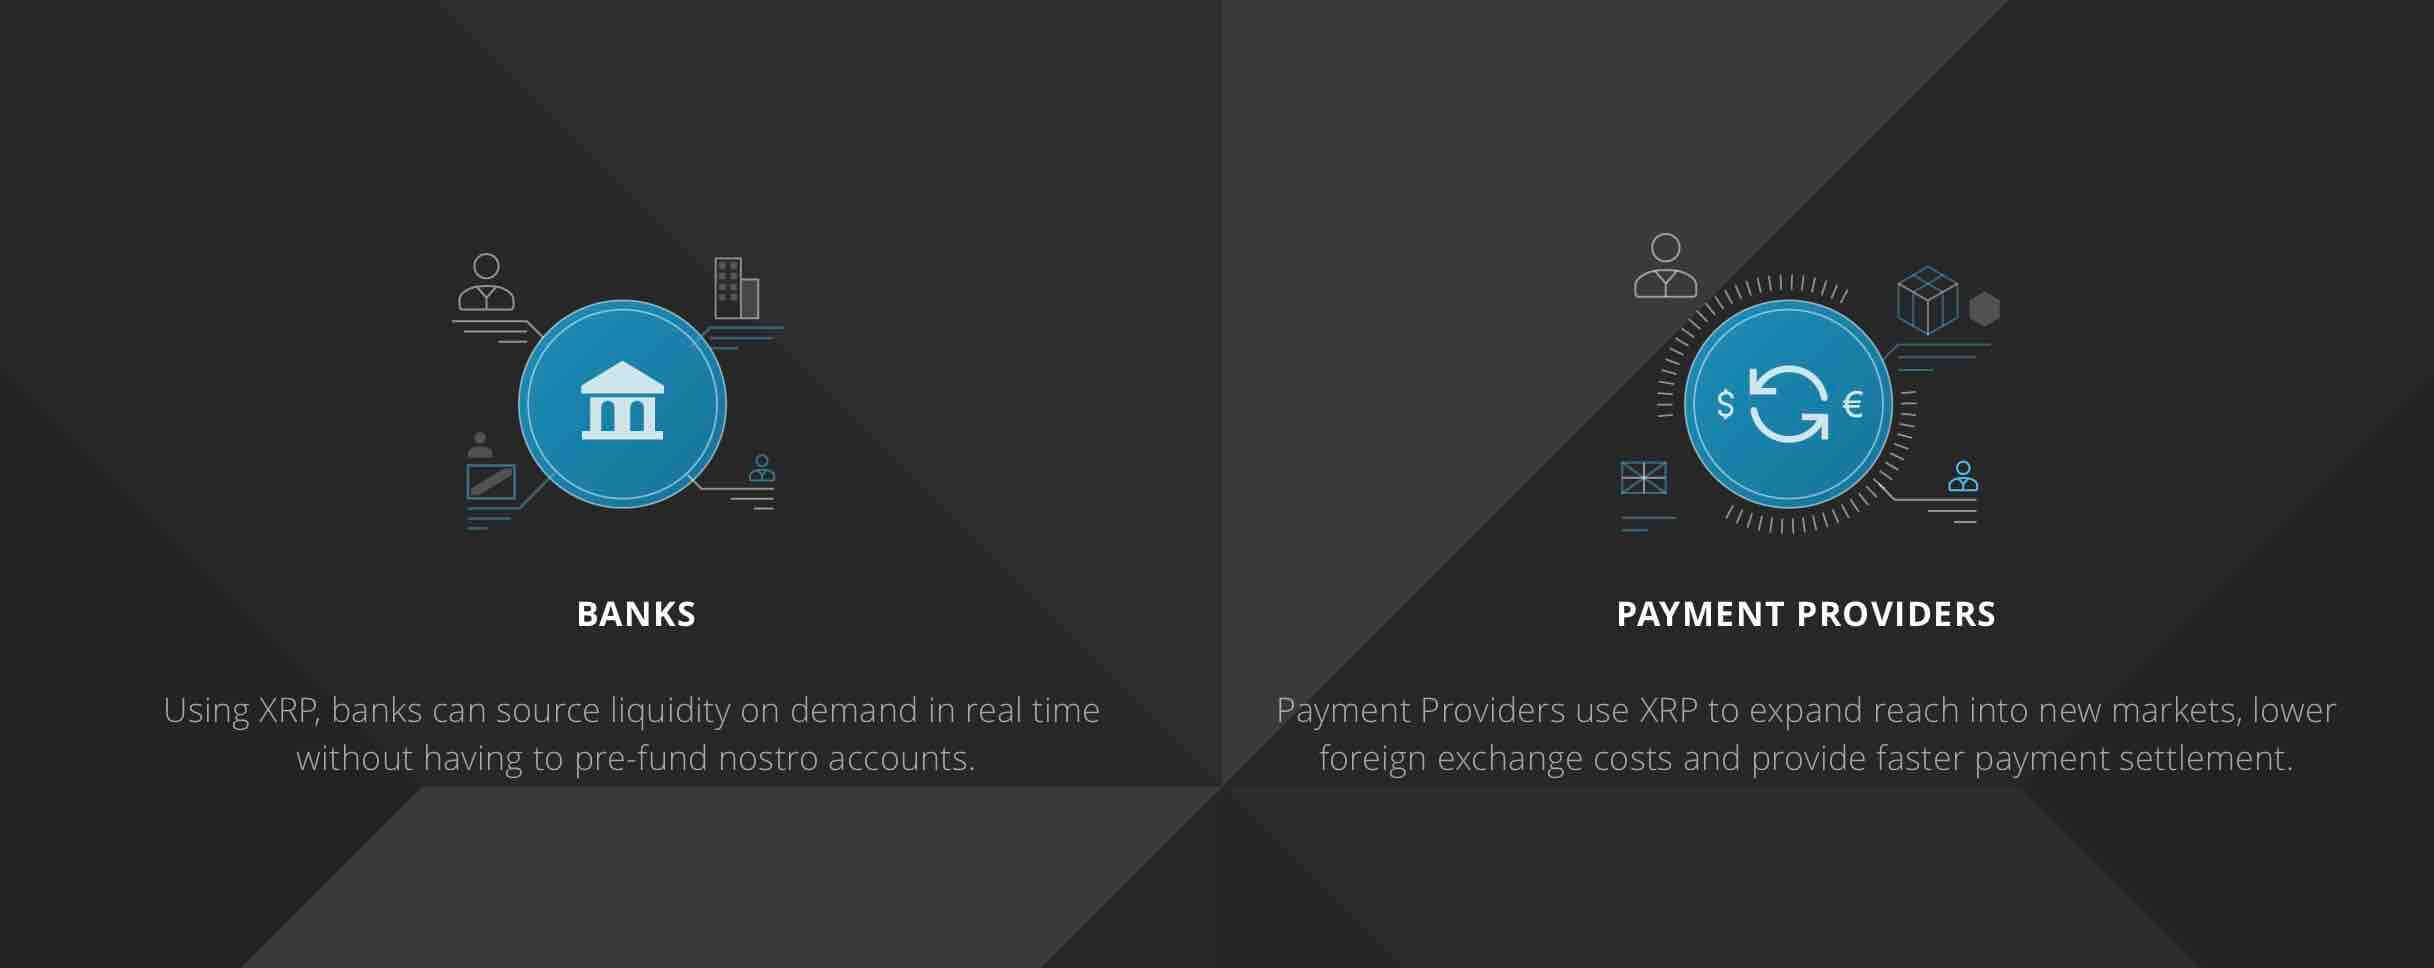 ethereum bitcoin kriptovaluta ripple